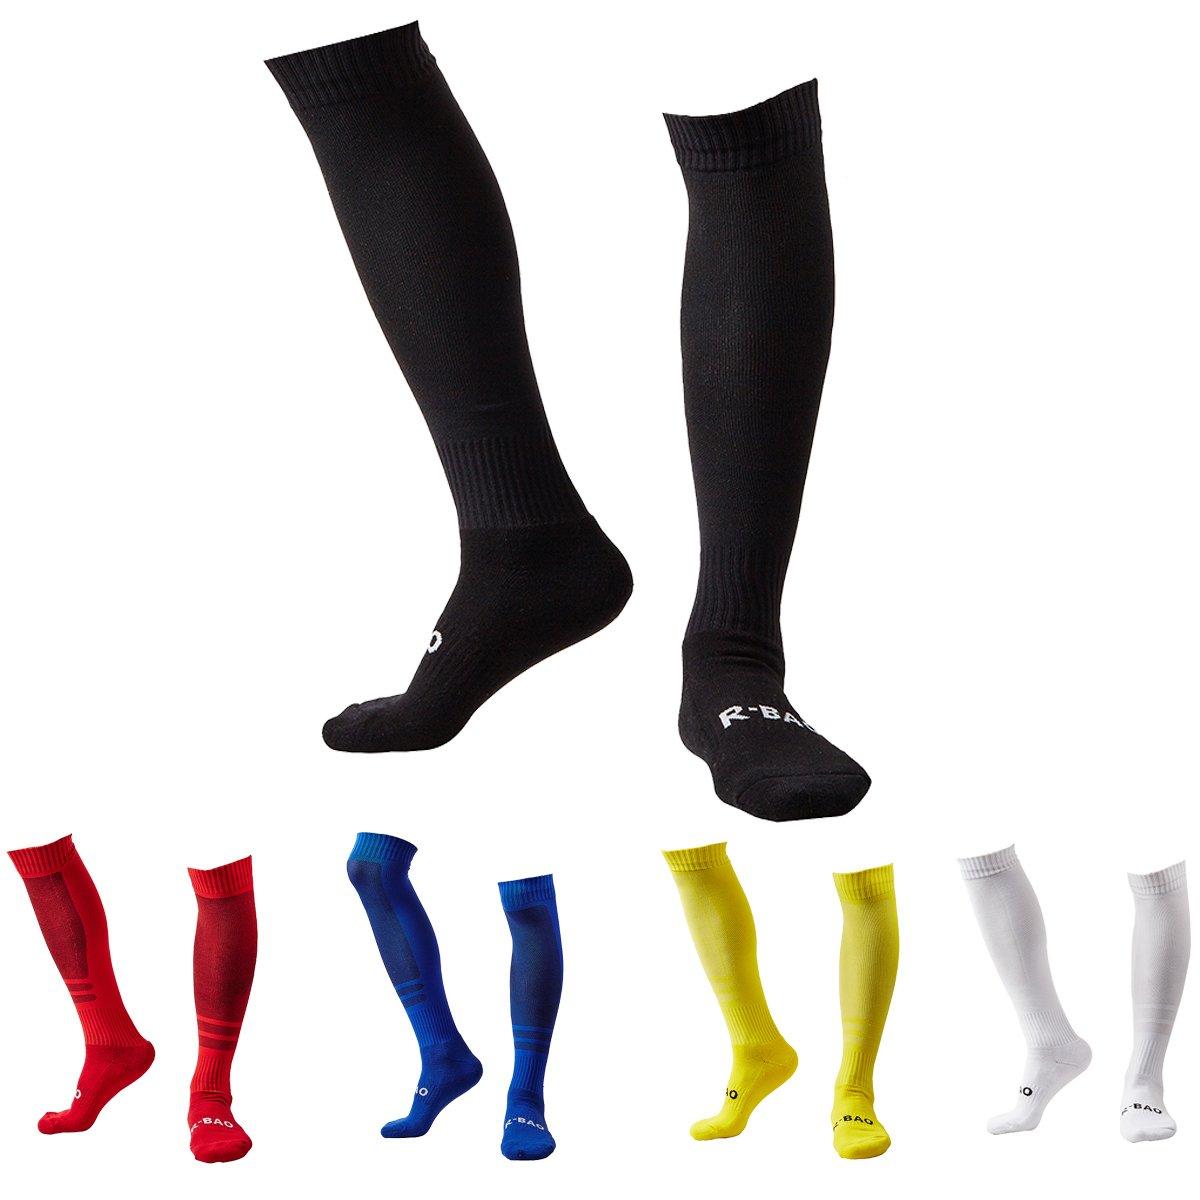 Soccer Socks for Men Women 5 Bulk Adult Knee High Compression Team Socks(Black + Red + Royalblue + Yellow + White) by Guumor